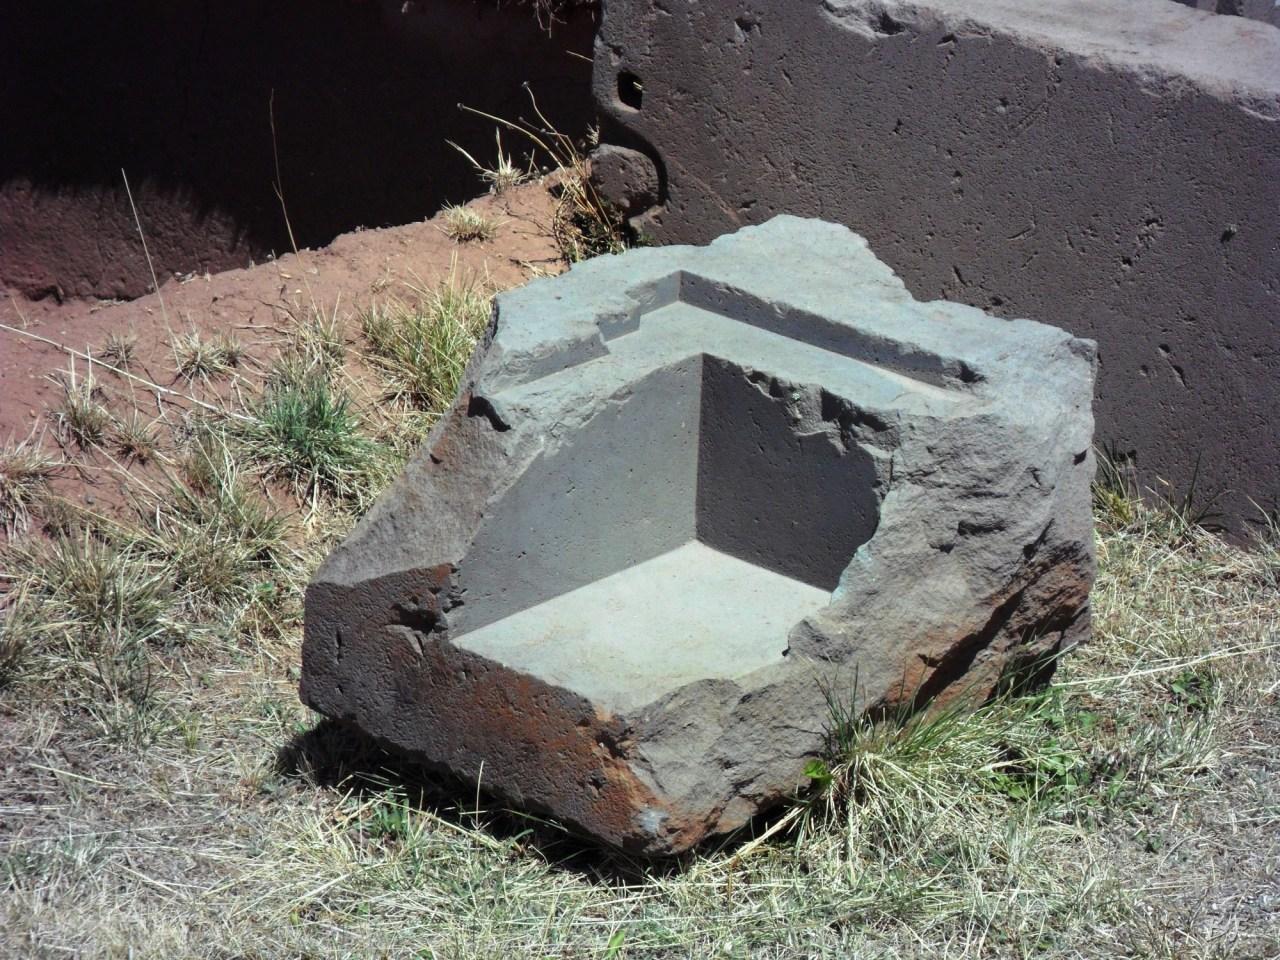 Puma-Punku-Area-Megalitica-Mura-Poligonali-Megaliti-Tiwanaku-Tiahuanaco-Bolivia-67